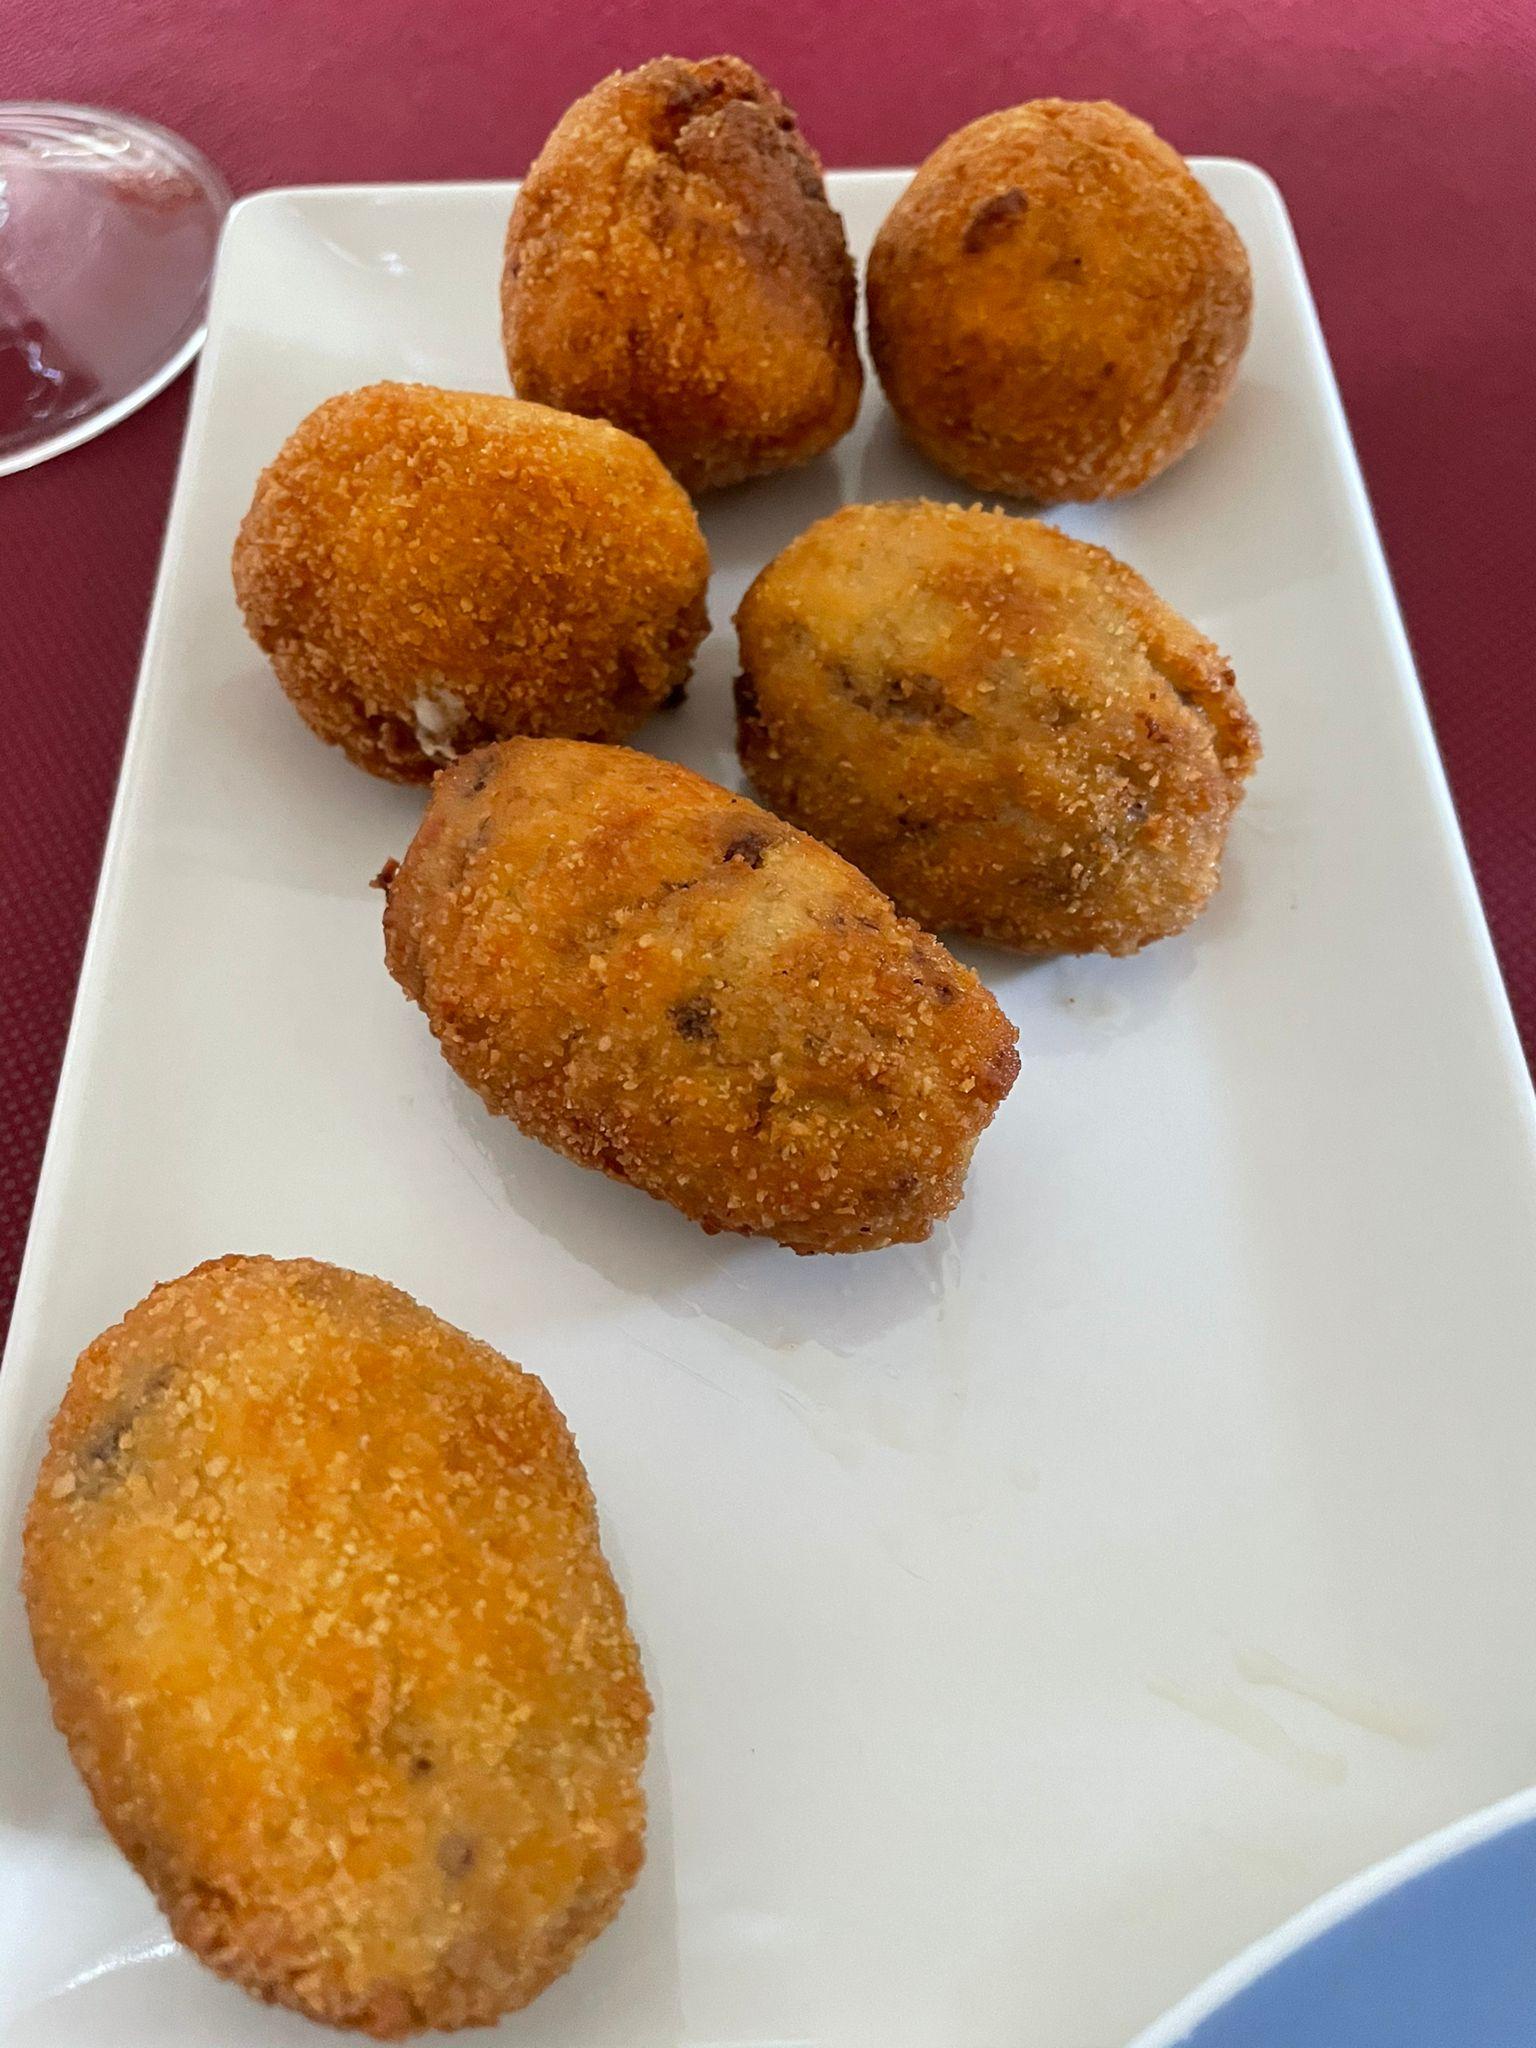 Reseña gastronómica: Restaurante Salomé en Toreno 5